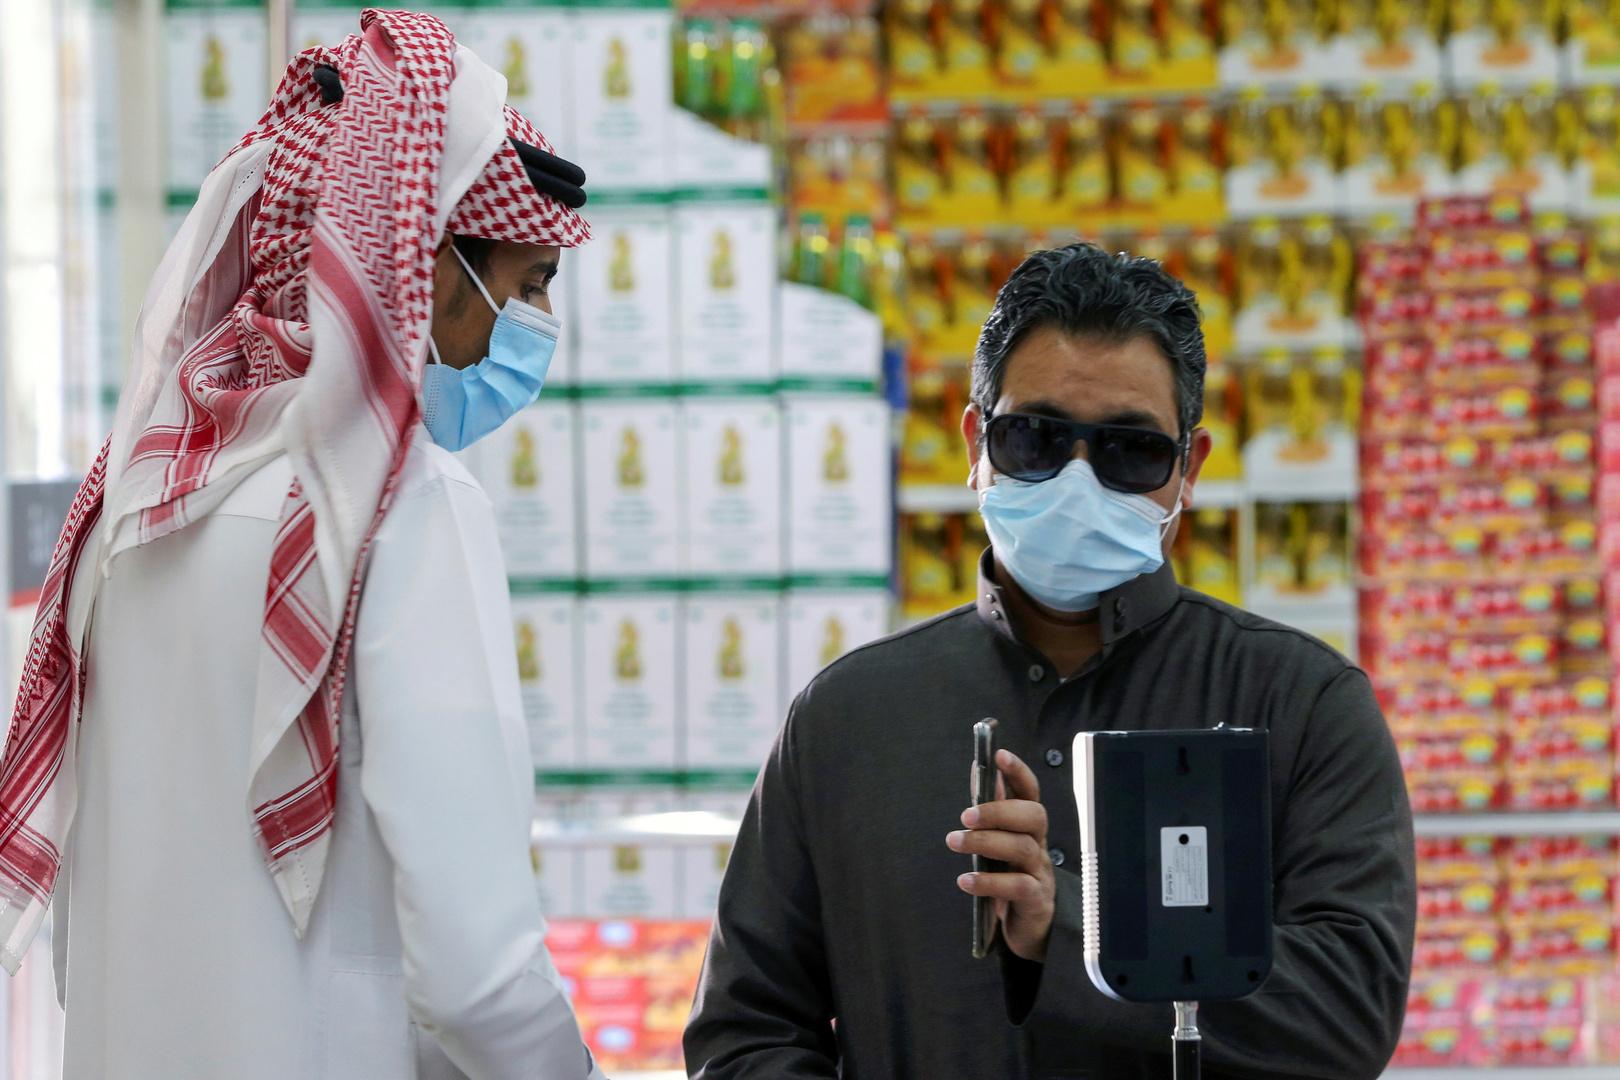 السعودية.. ارتفاع بإصابات كورونا وانخفاض بالوفيات